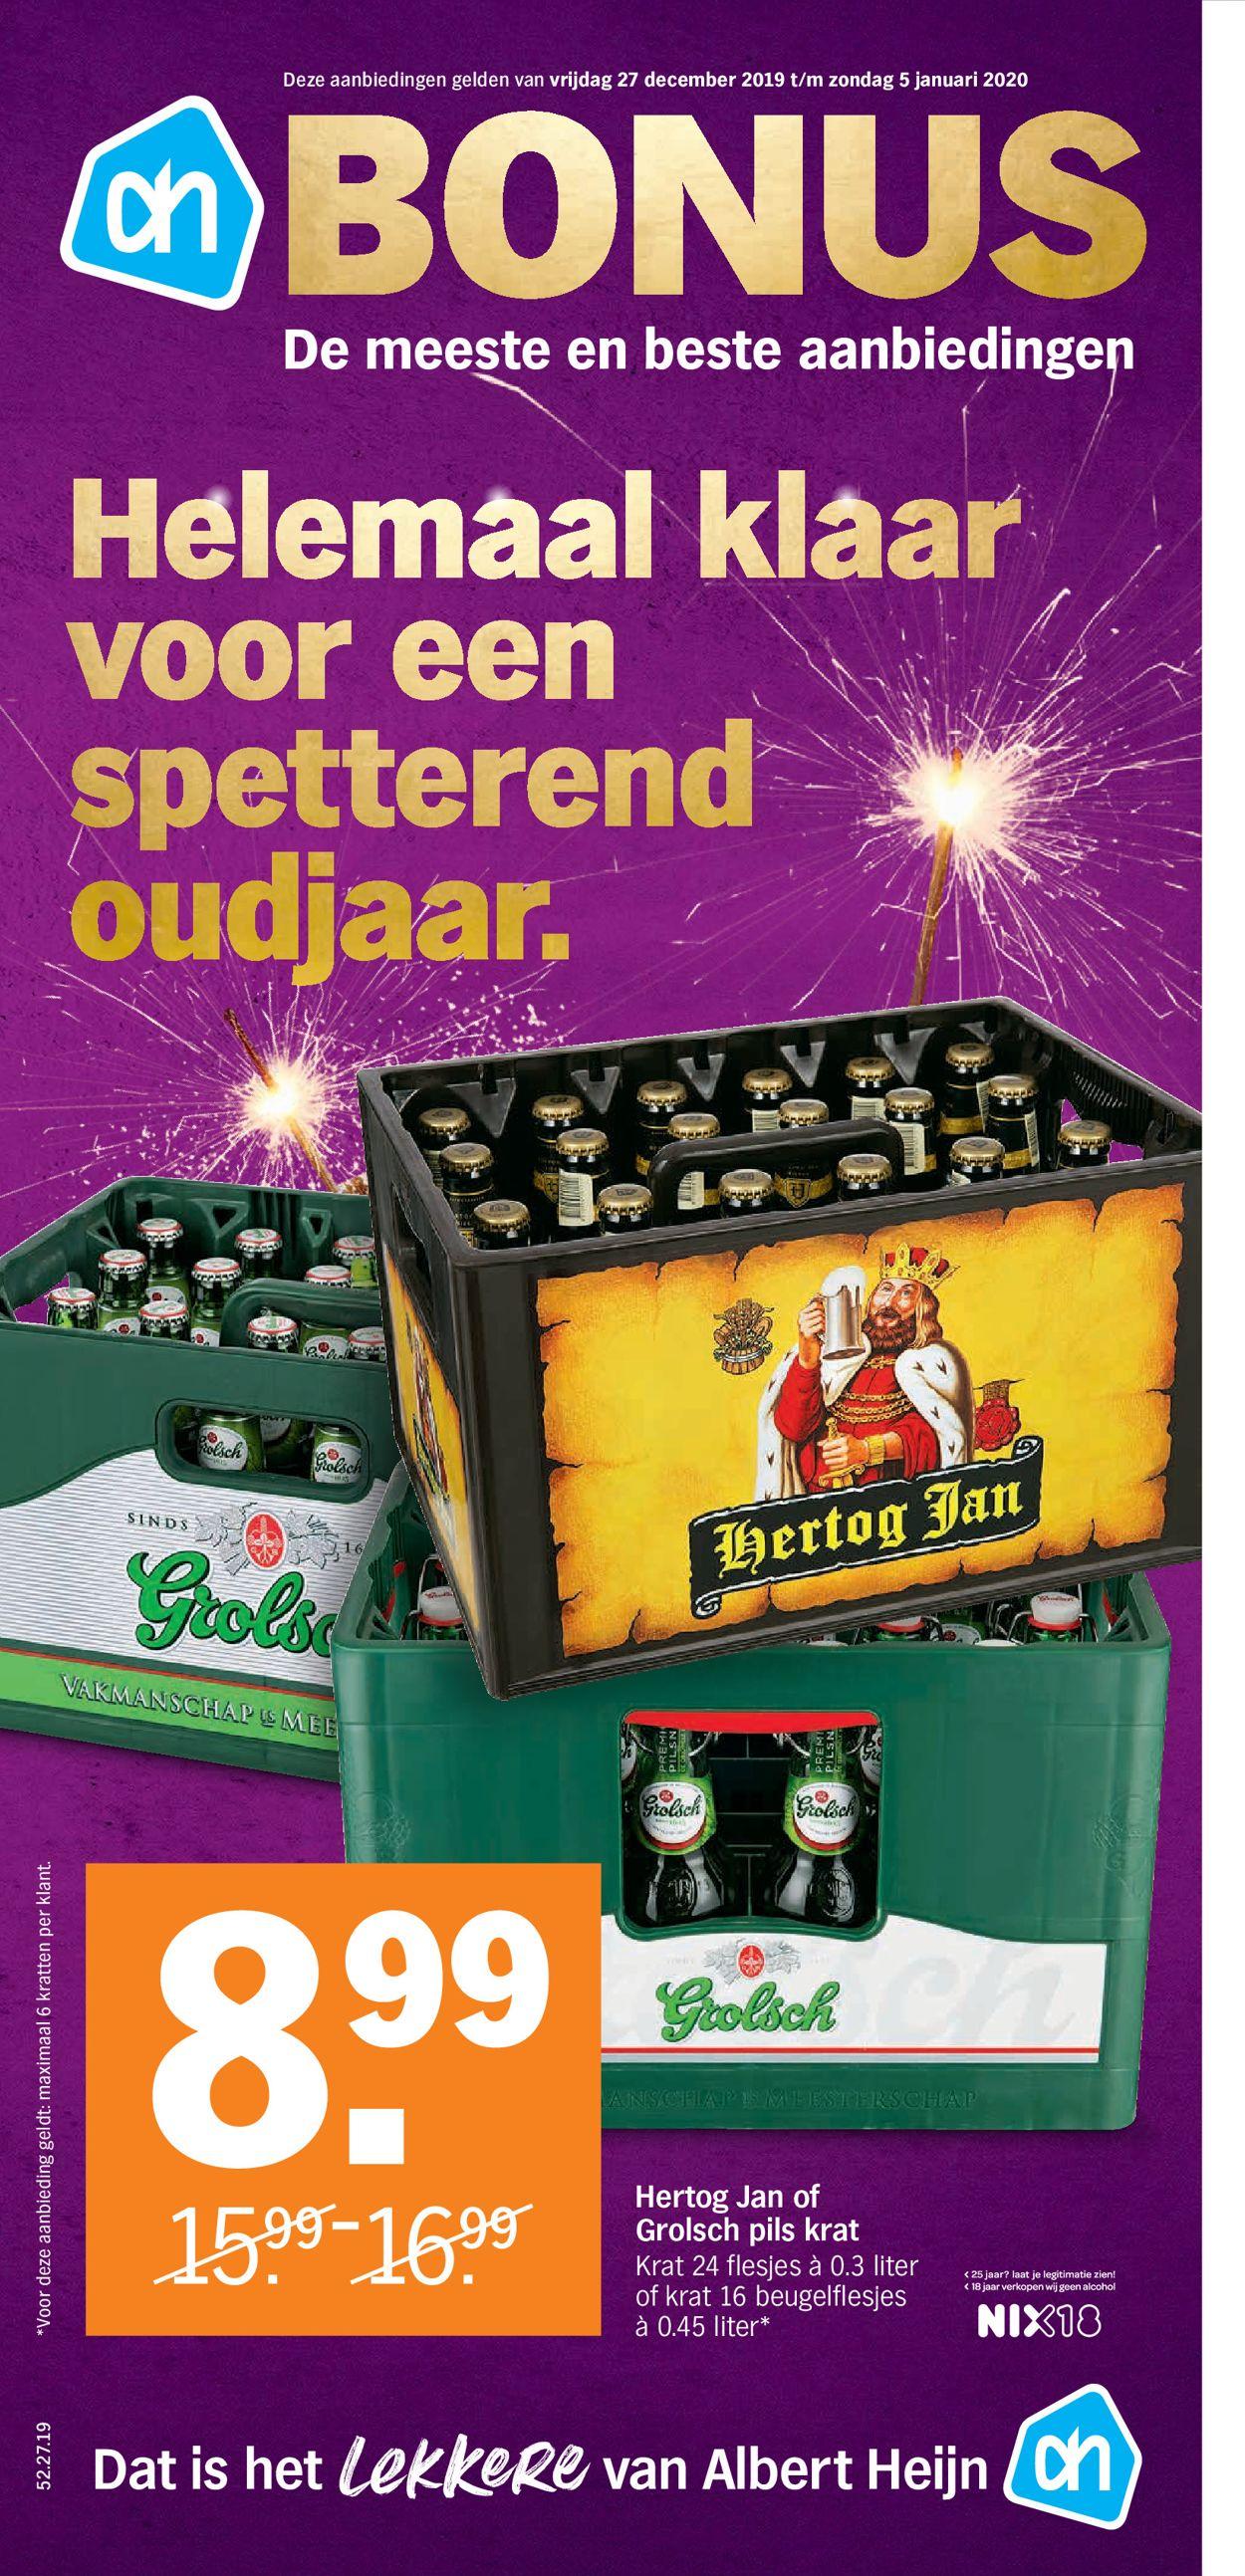 Albert Heijn - Nieuw Jaars Folder 2019/2020 Folder - 27.12-05.01.2020